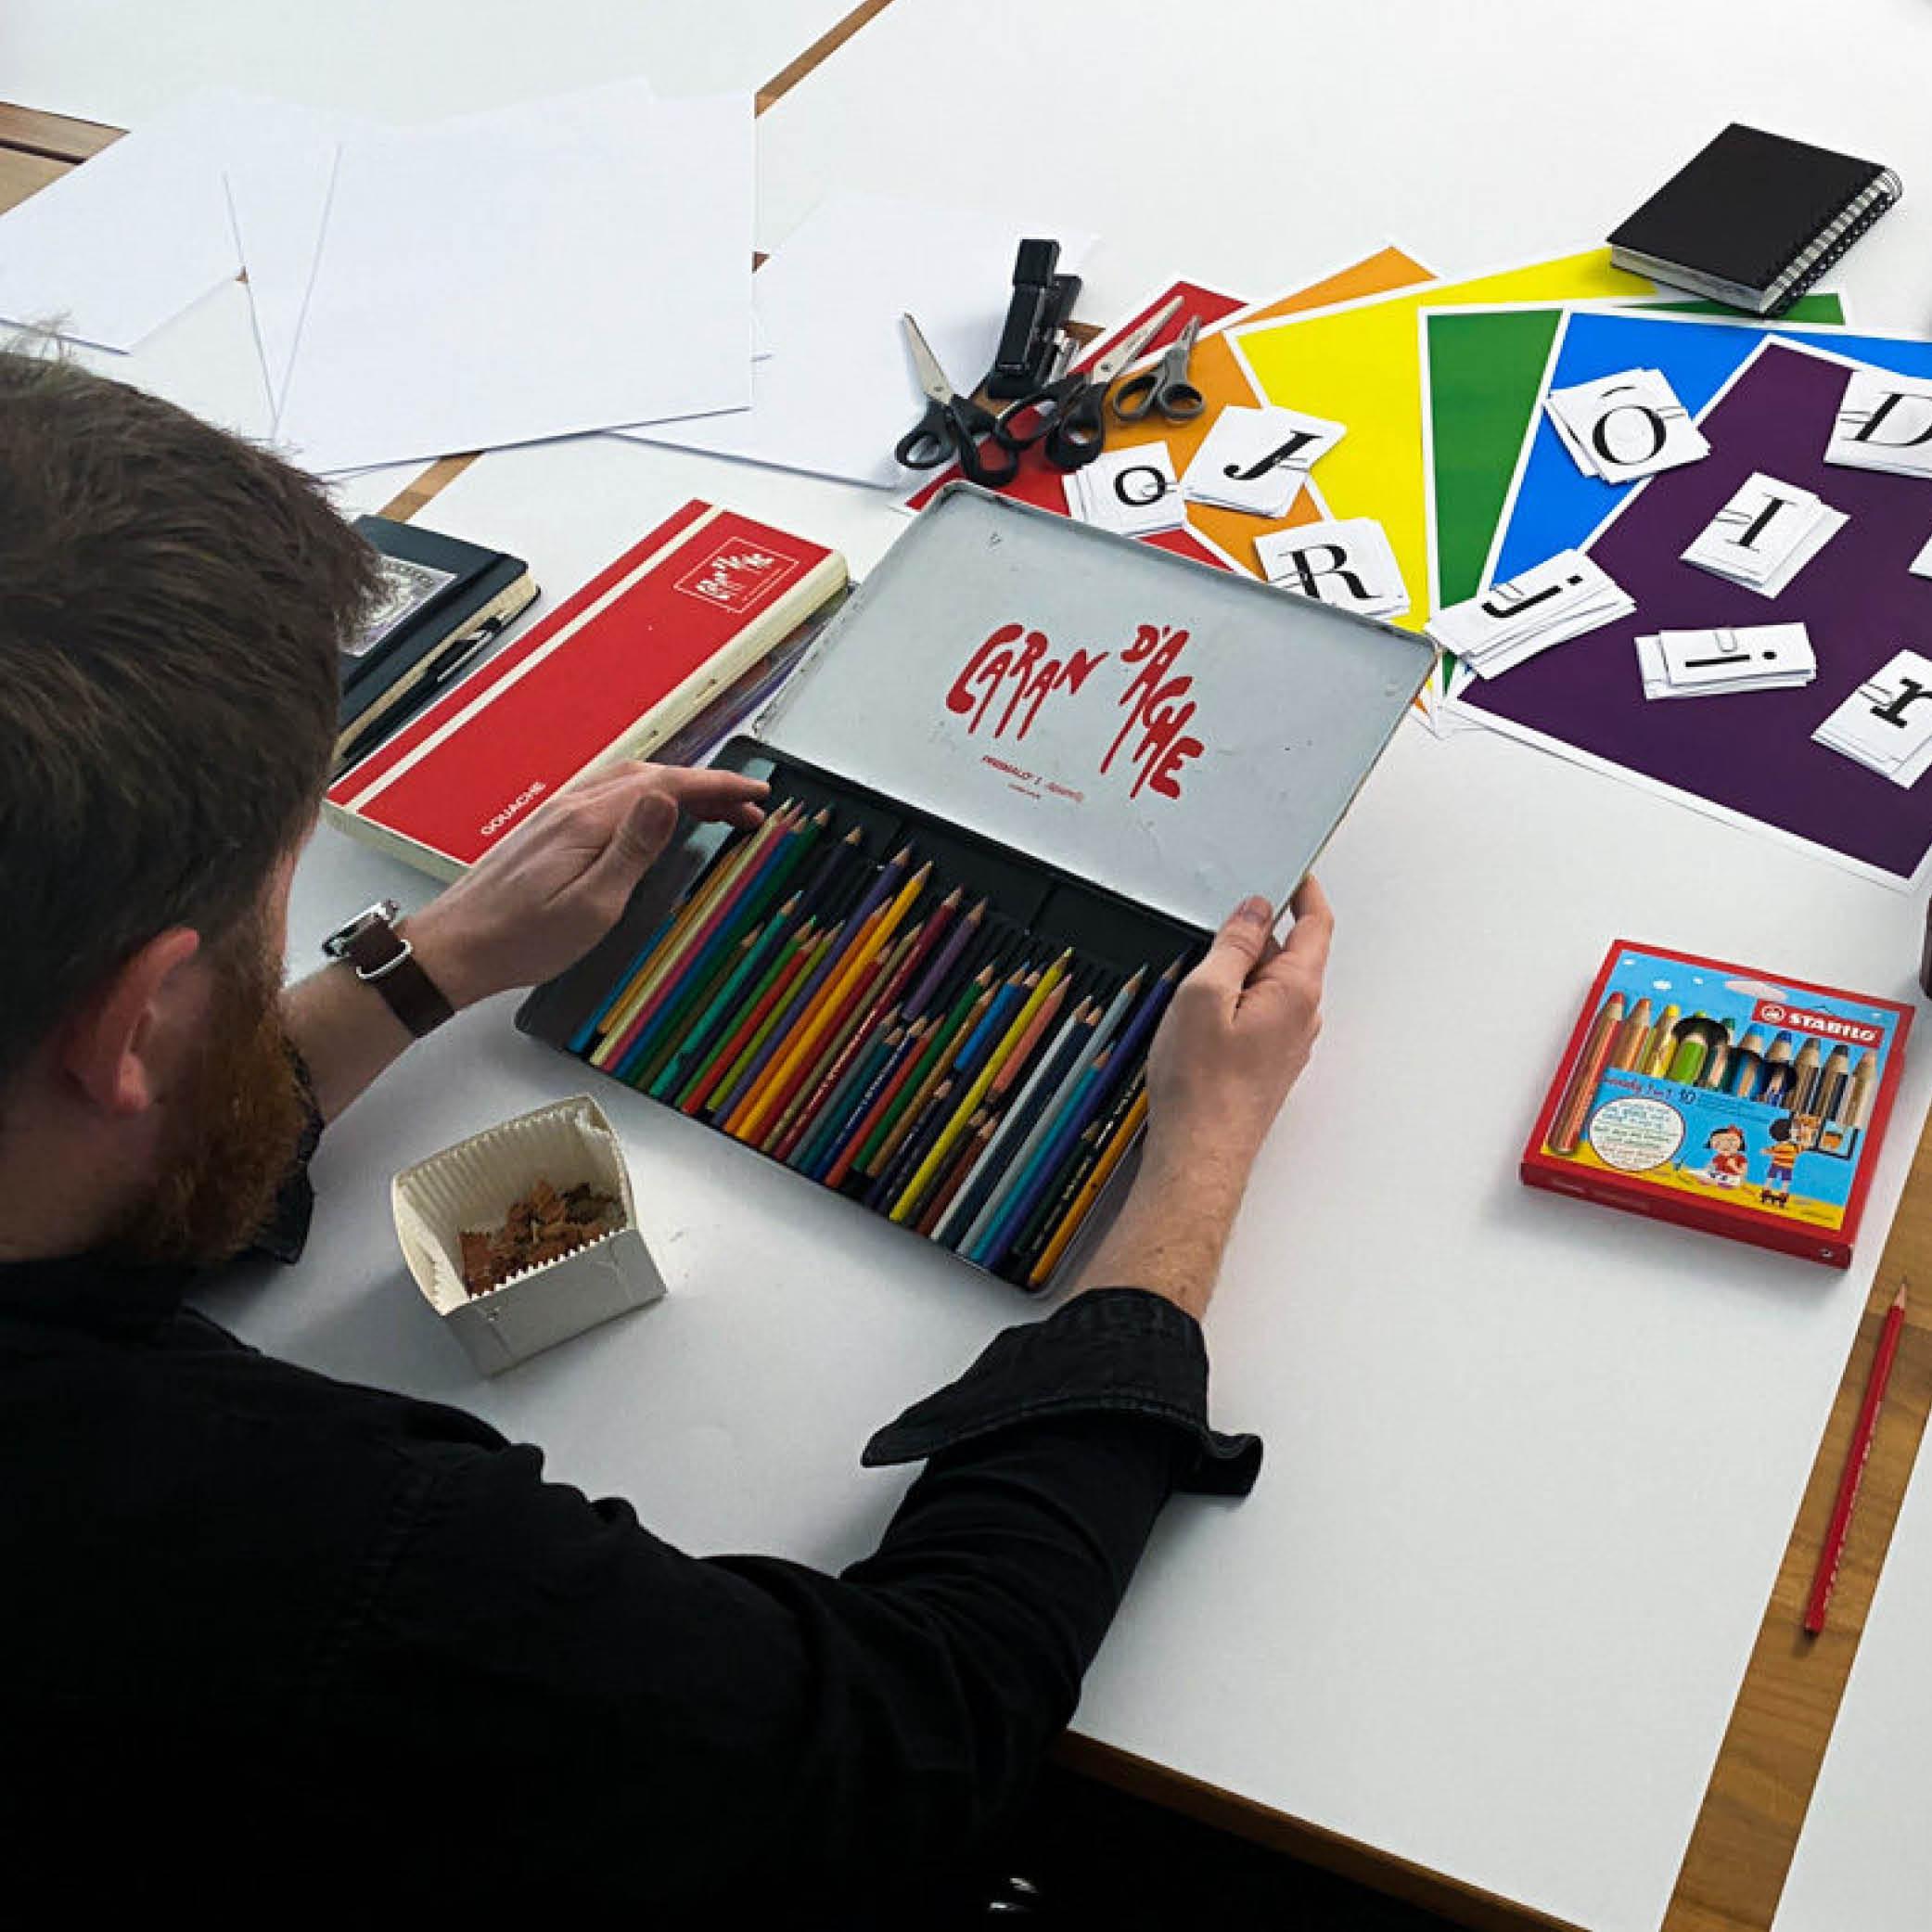 Person öffnet Farbstiftschachtel auf Tisch mit Workshoputensilien